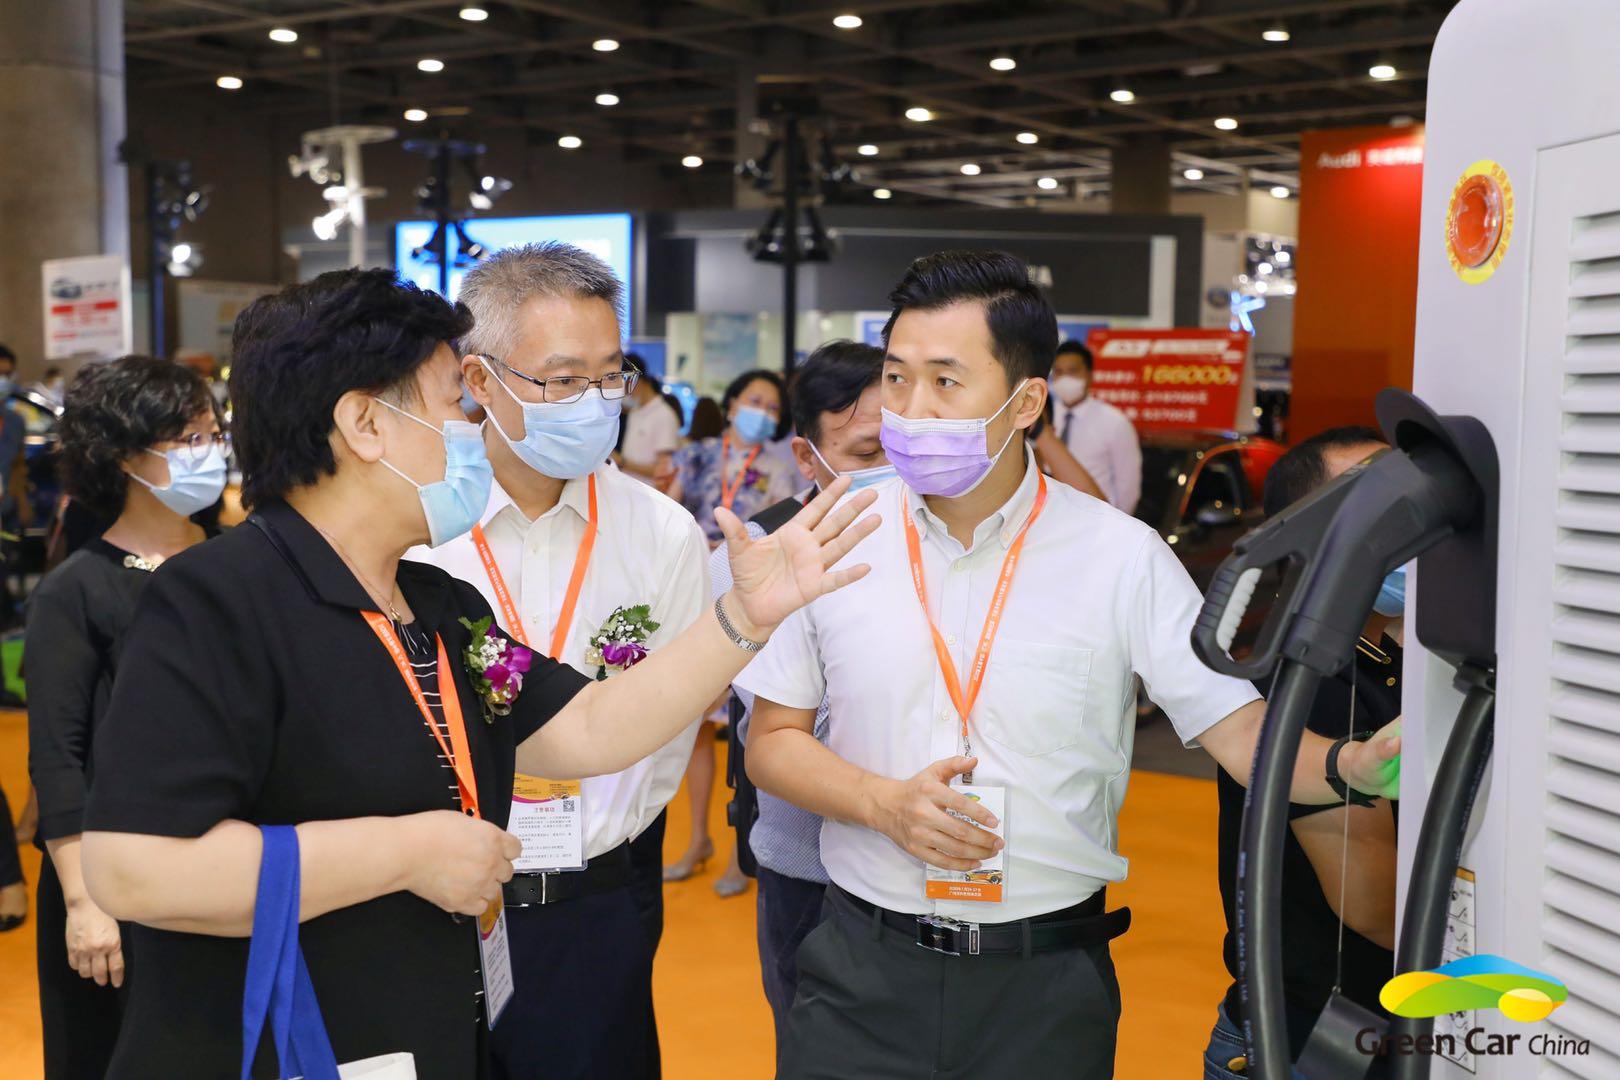 第五届广州新能源智能车展暨华南车展盛大开幕